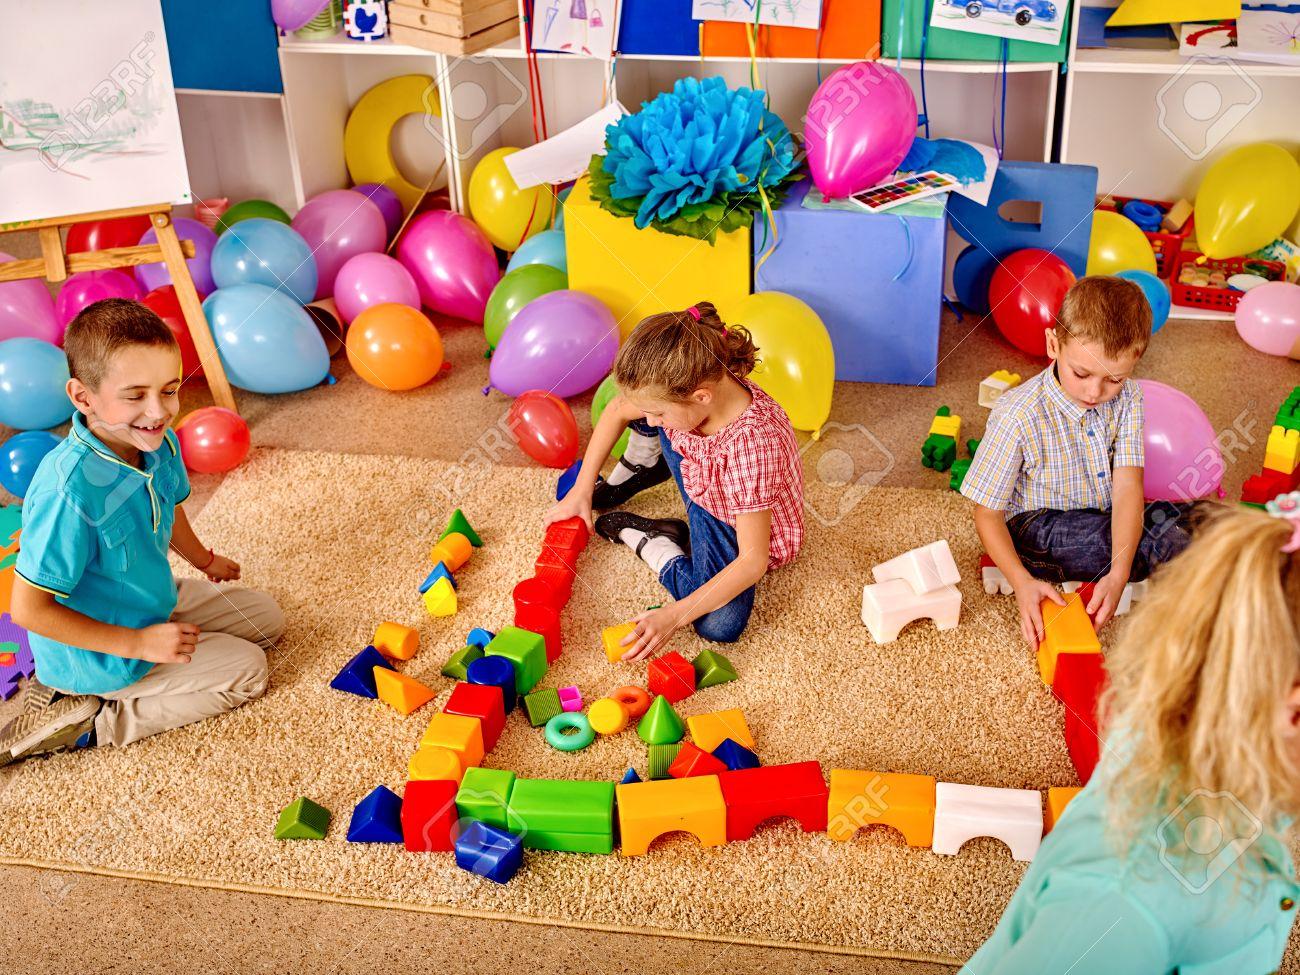 Group children game blocks on carpet floor in kindergarten . Top view. - 47420152